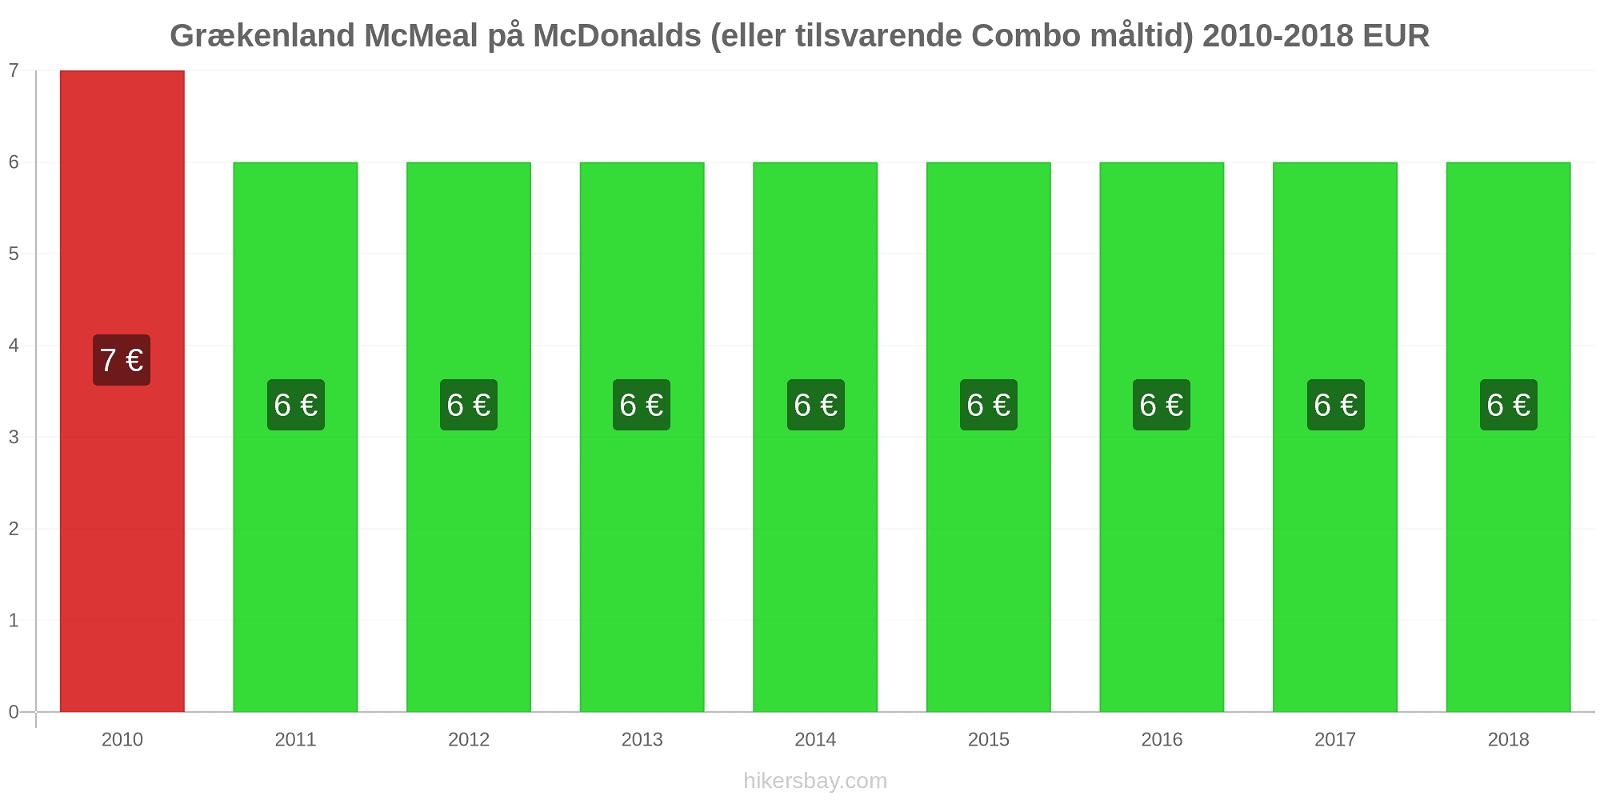 Grækenland prisændringer McMeal på McDonalds (eller tilsvarende Combo måltid) hikersbay.com